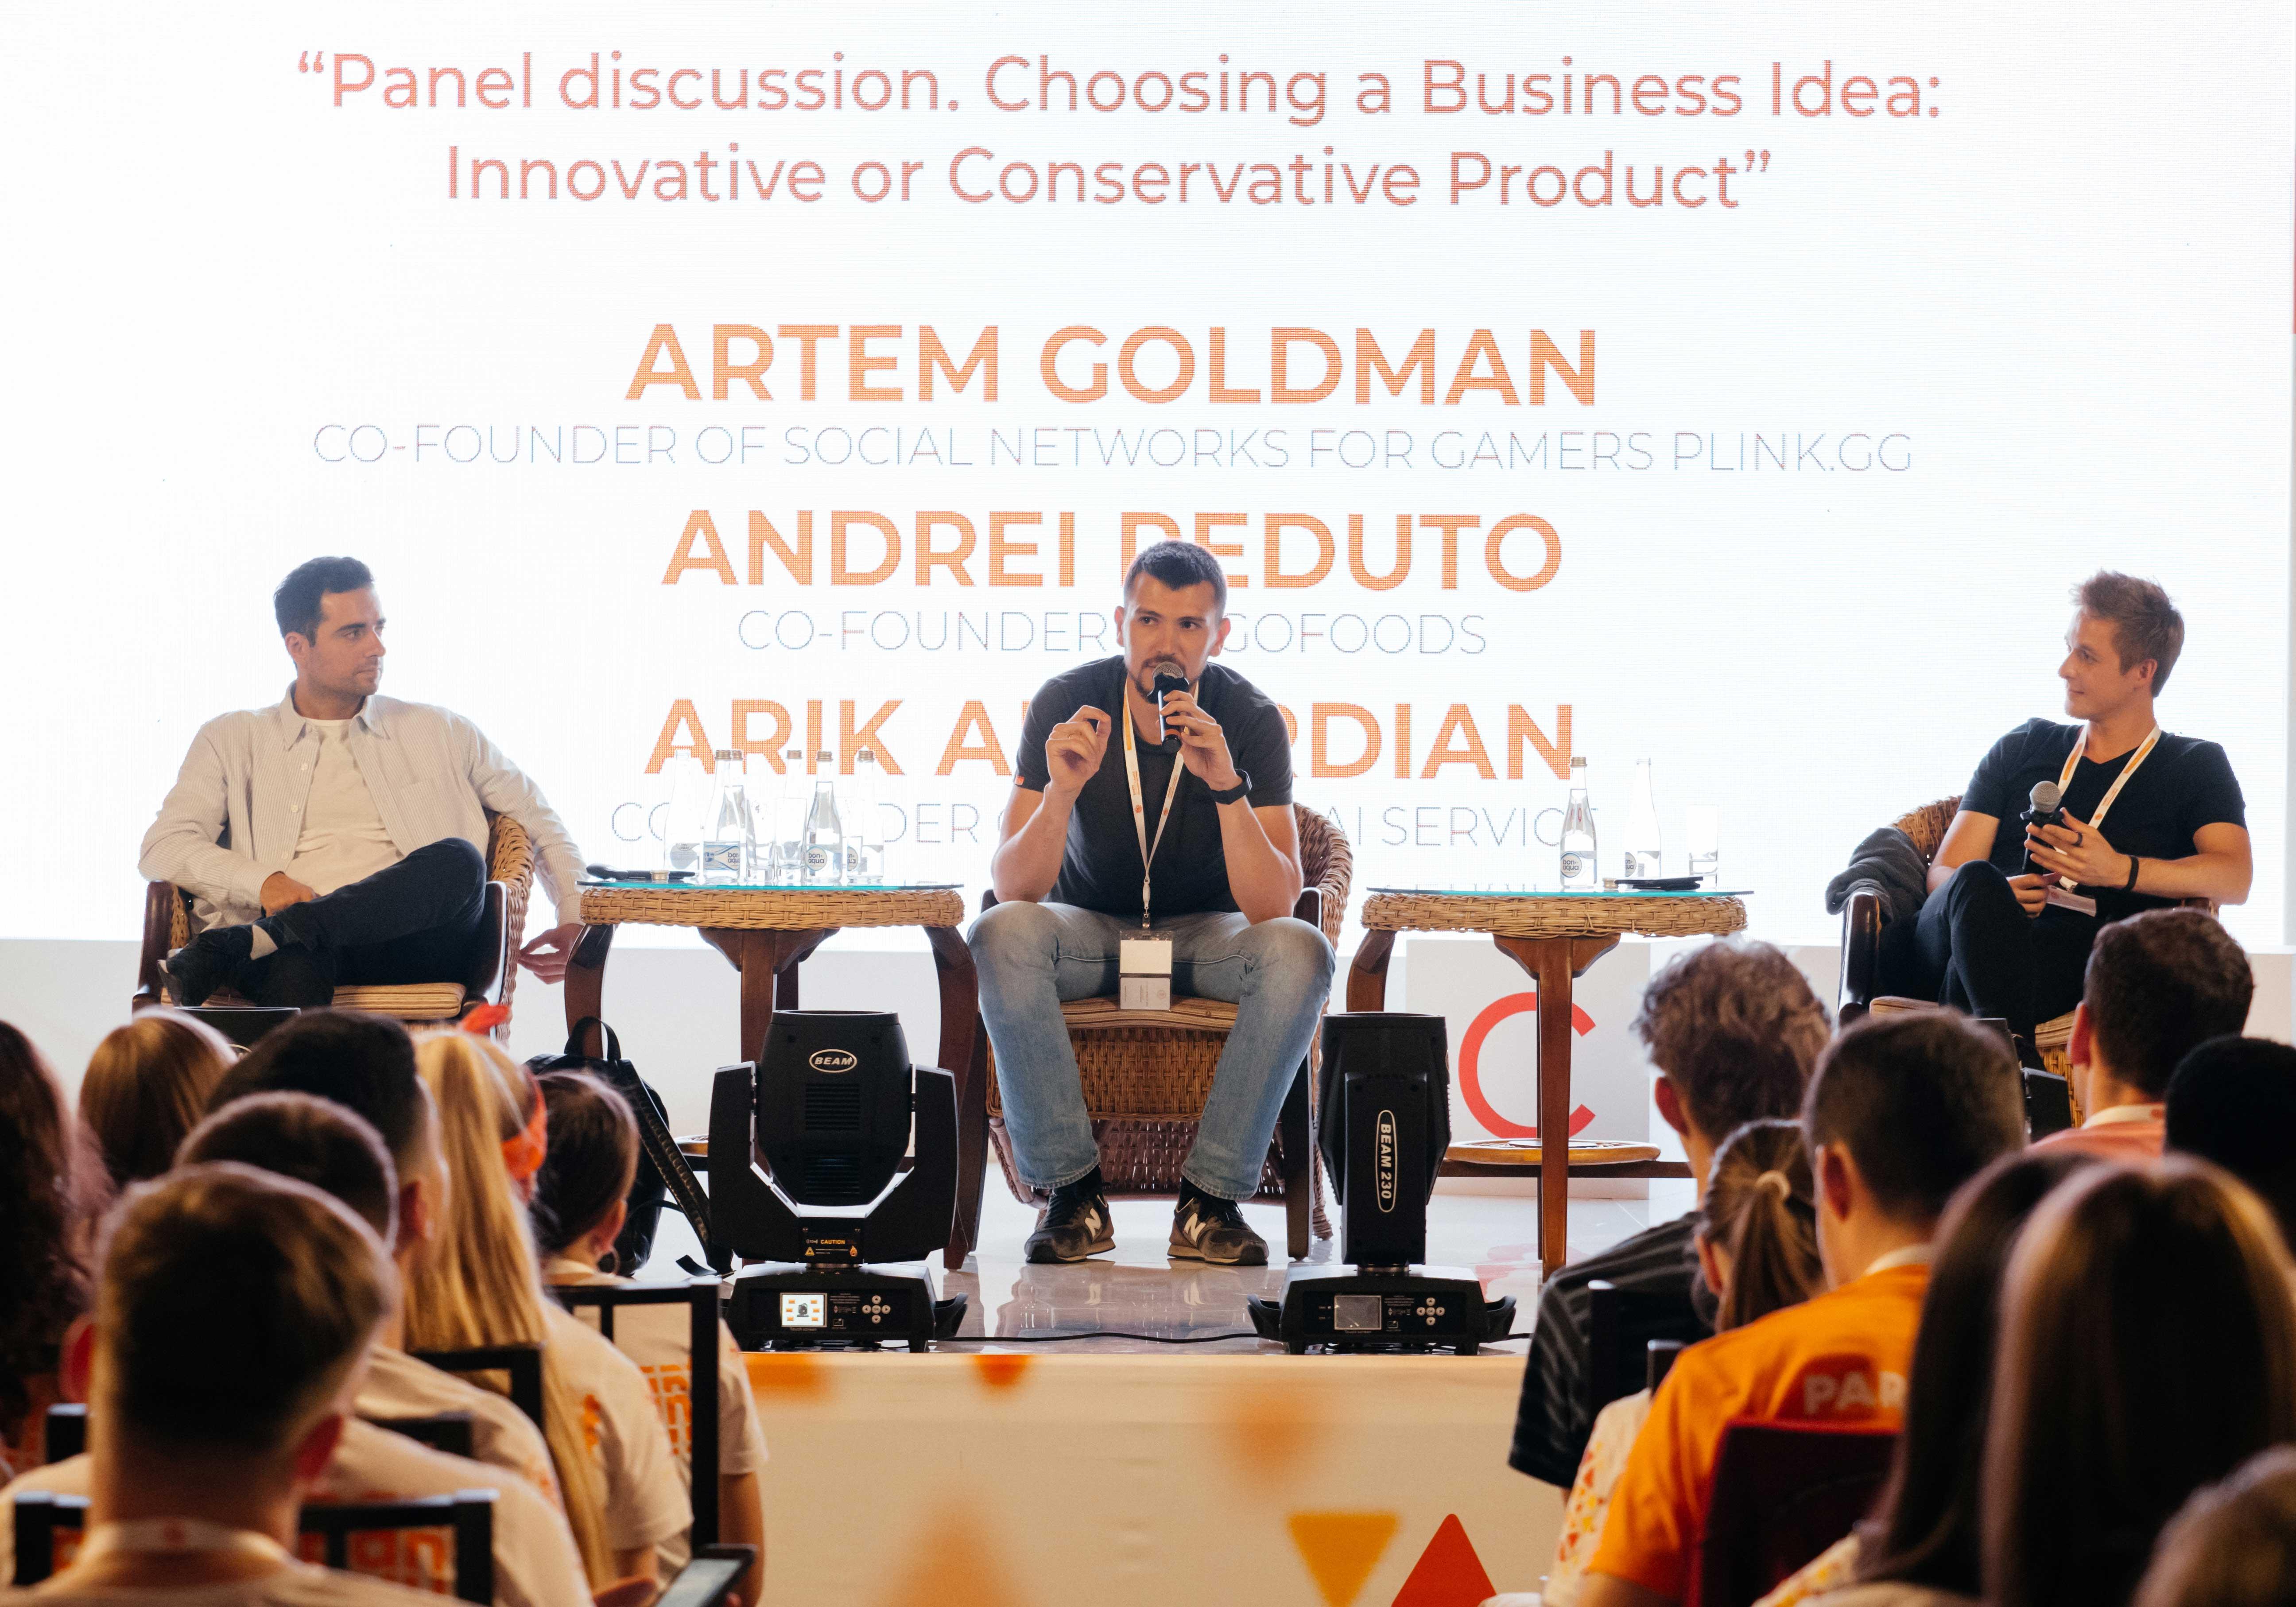 Молодые и успешные предприниматели учат участников Летнего кампуса строить бизнес (ВИДЕО)